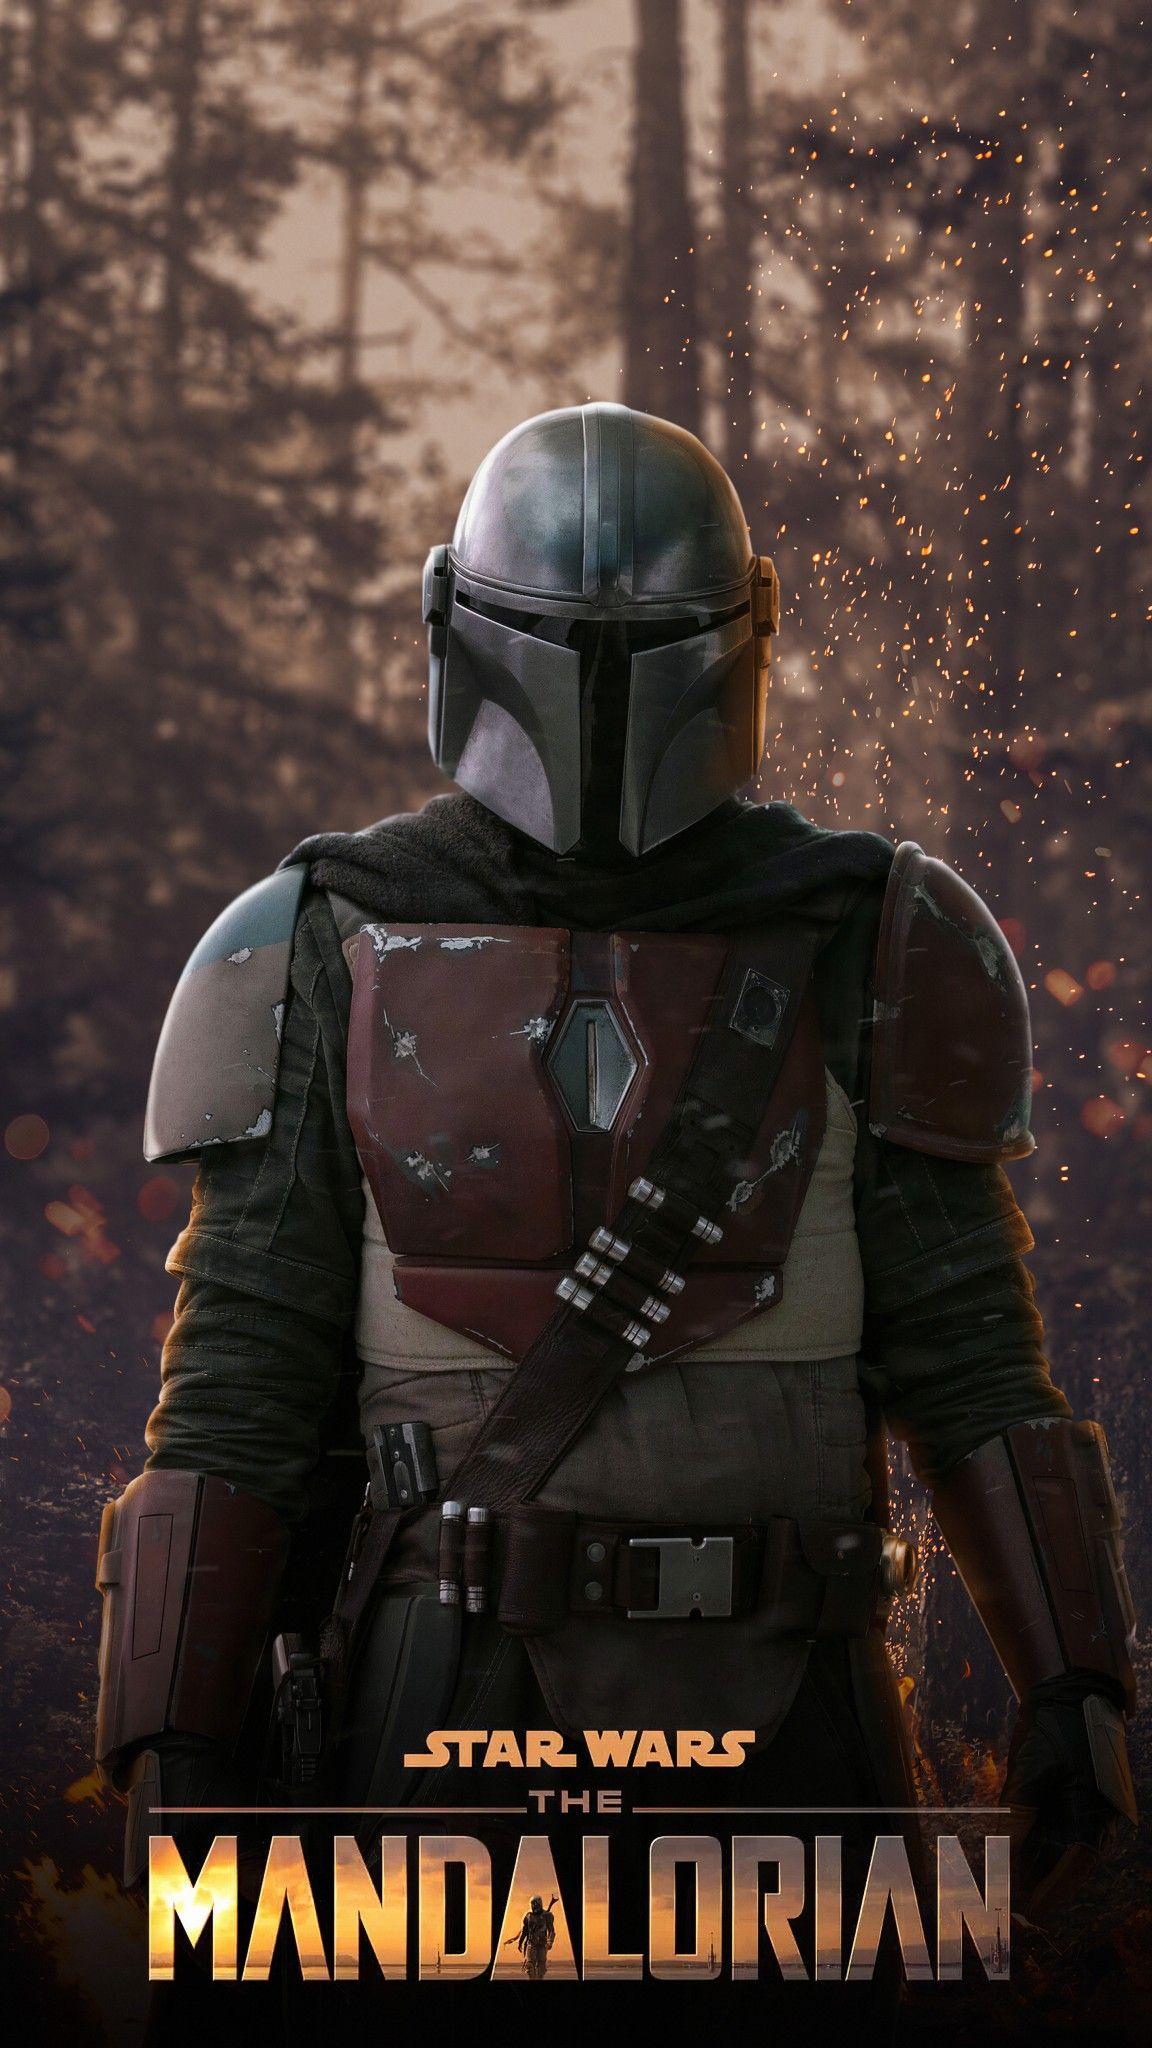 The Mandalorian in 2020 Star wars images, Mandalorian